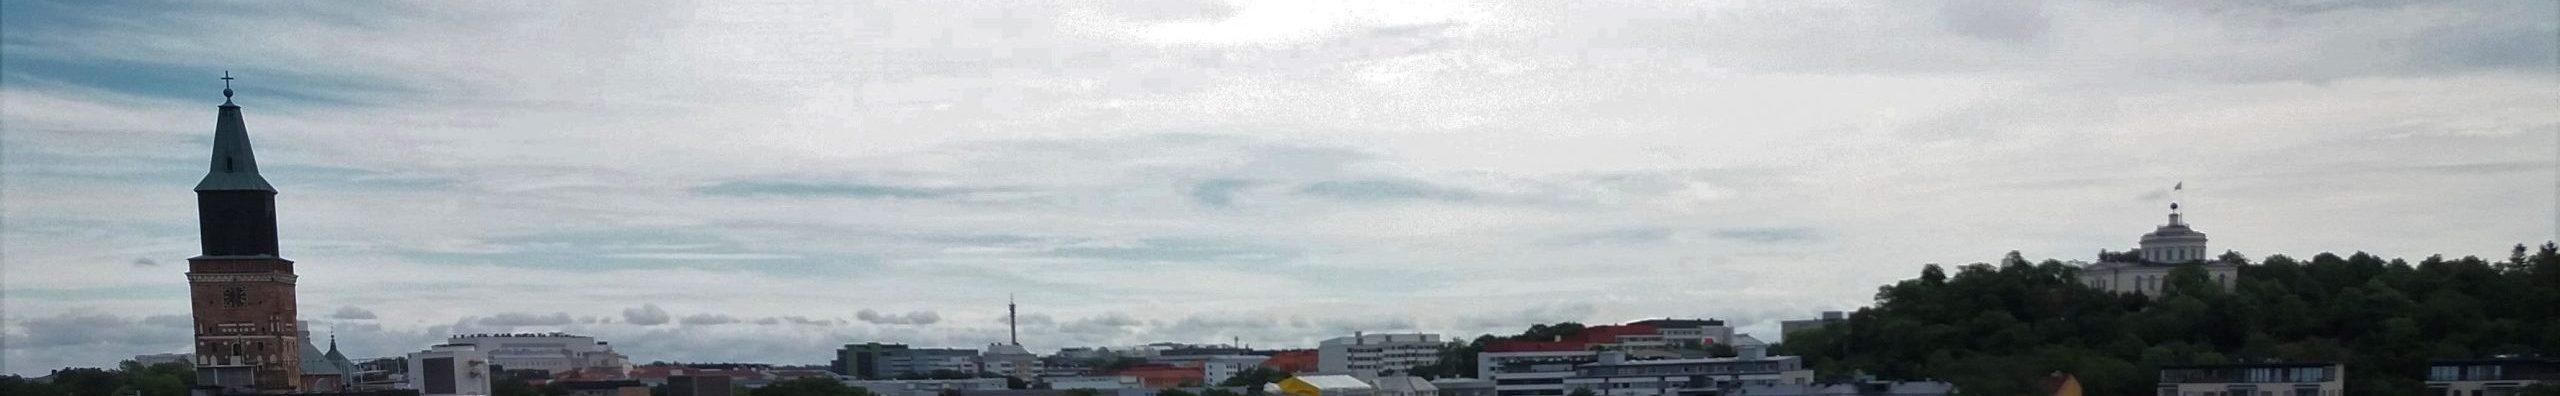 Siluettikuva Turun kaupungin kattojen yli. Vasemmassa laidassa näkyy tuomiokirkon torni ja oikealla Vartiovuoren laella tähtitorni. Näiden välissä näkyy monien eri aikakausien rakennusten kattoja.